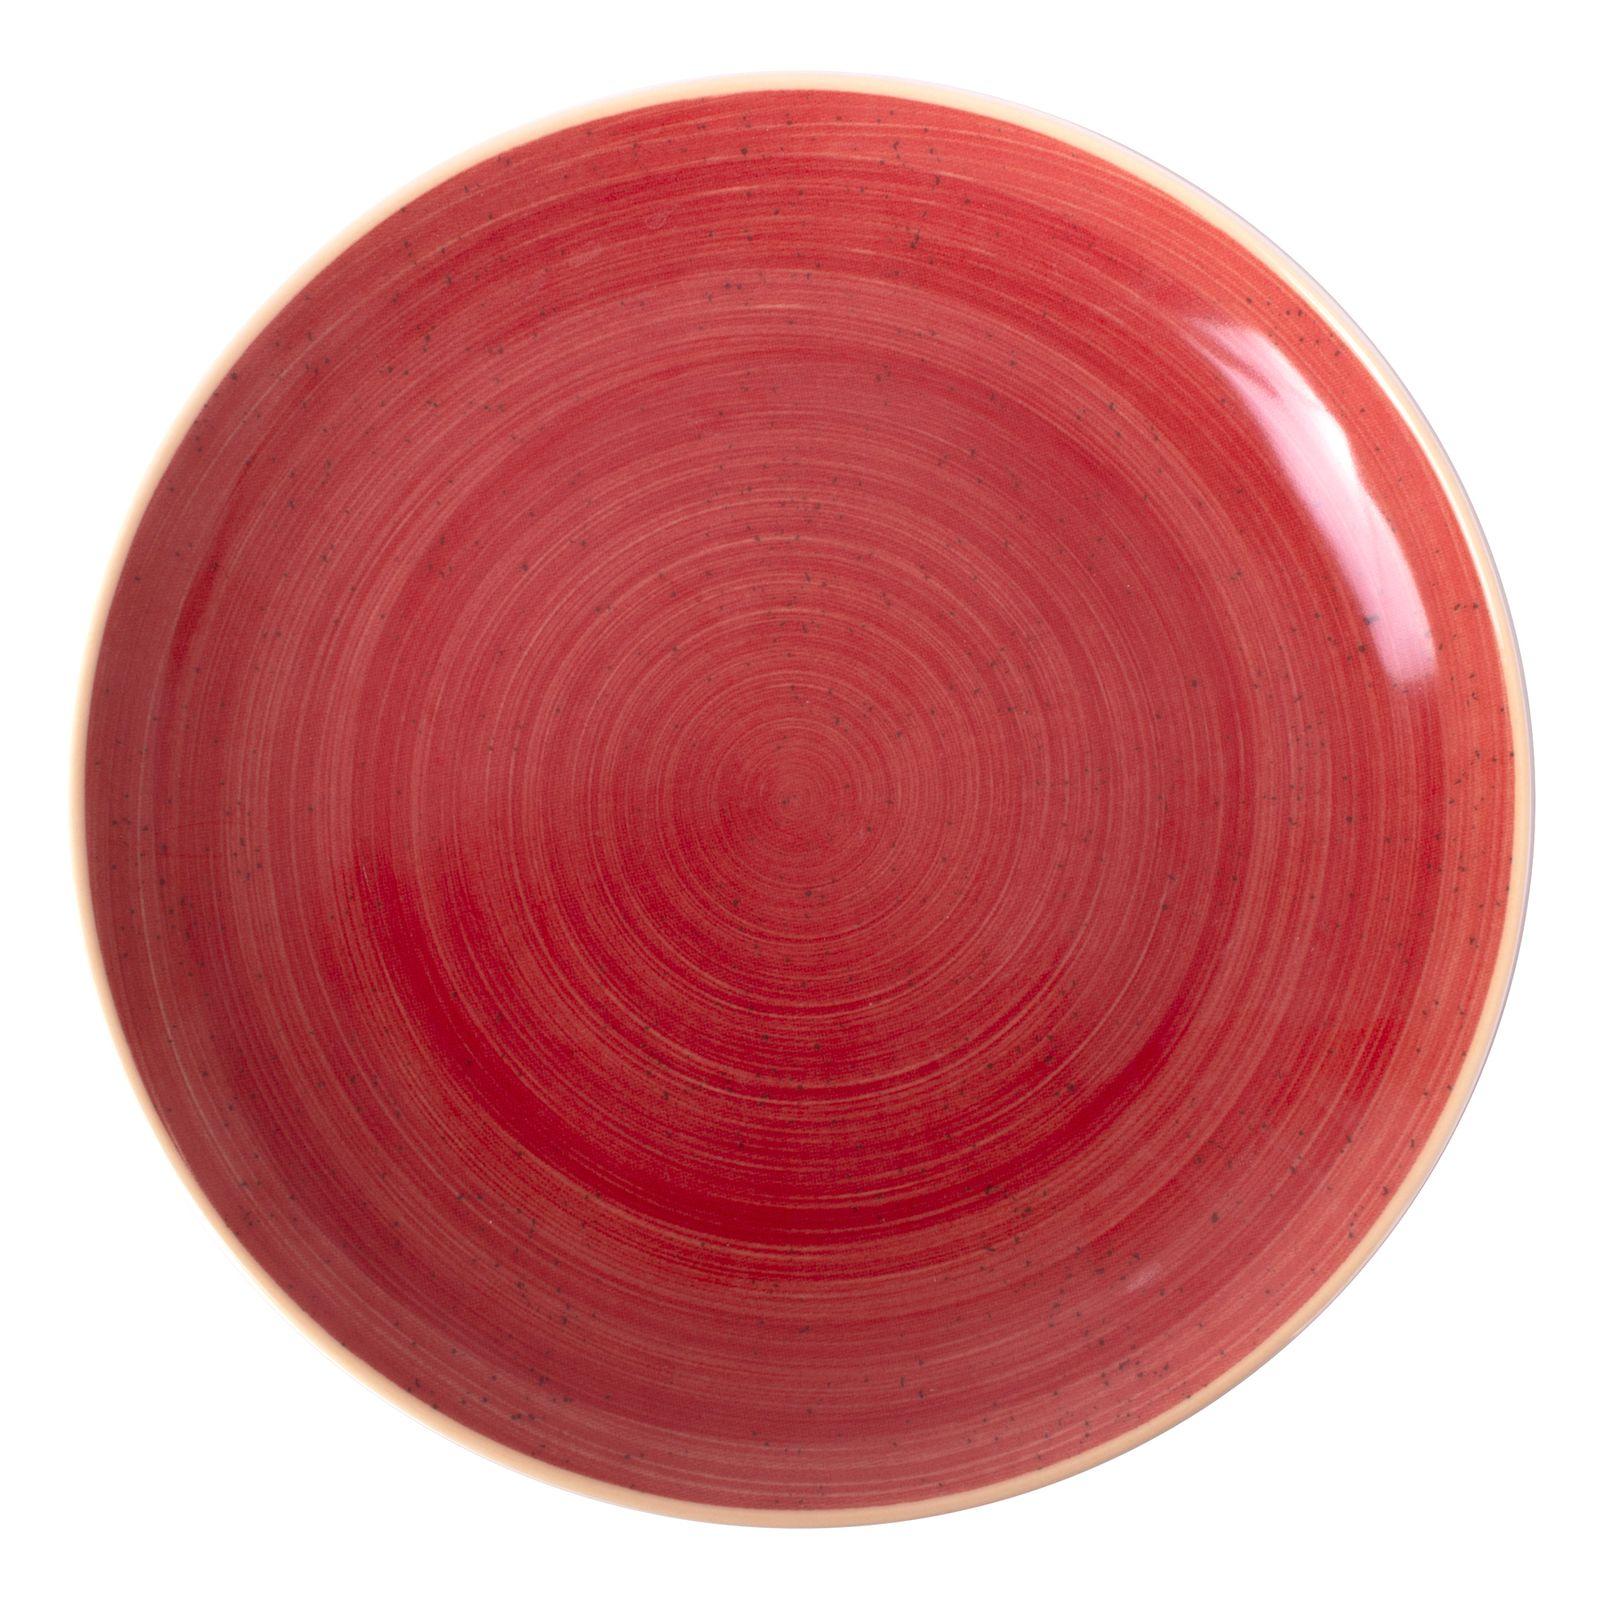 Porcelánový servírovací talíř Terra Red 31 cm ARIANE